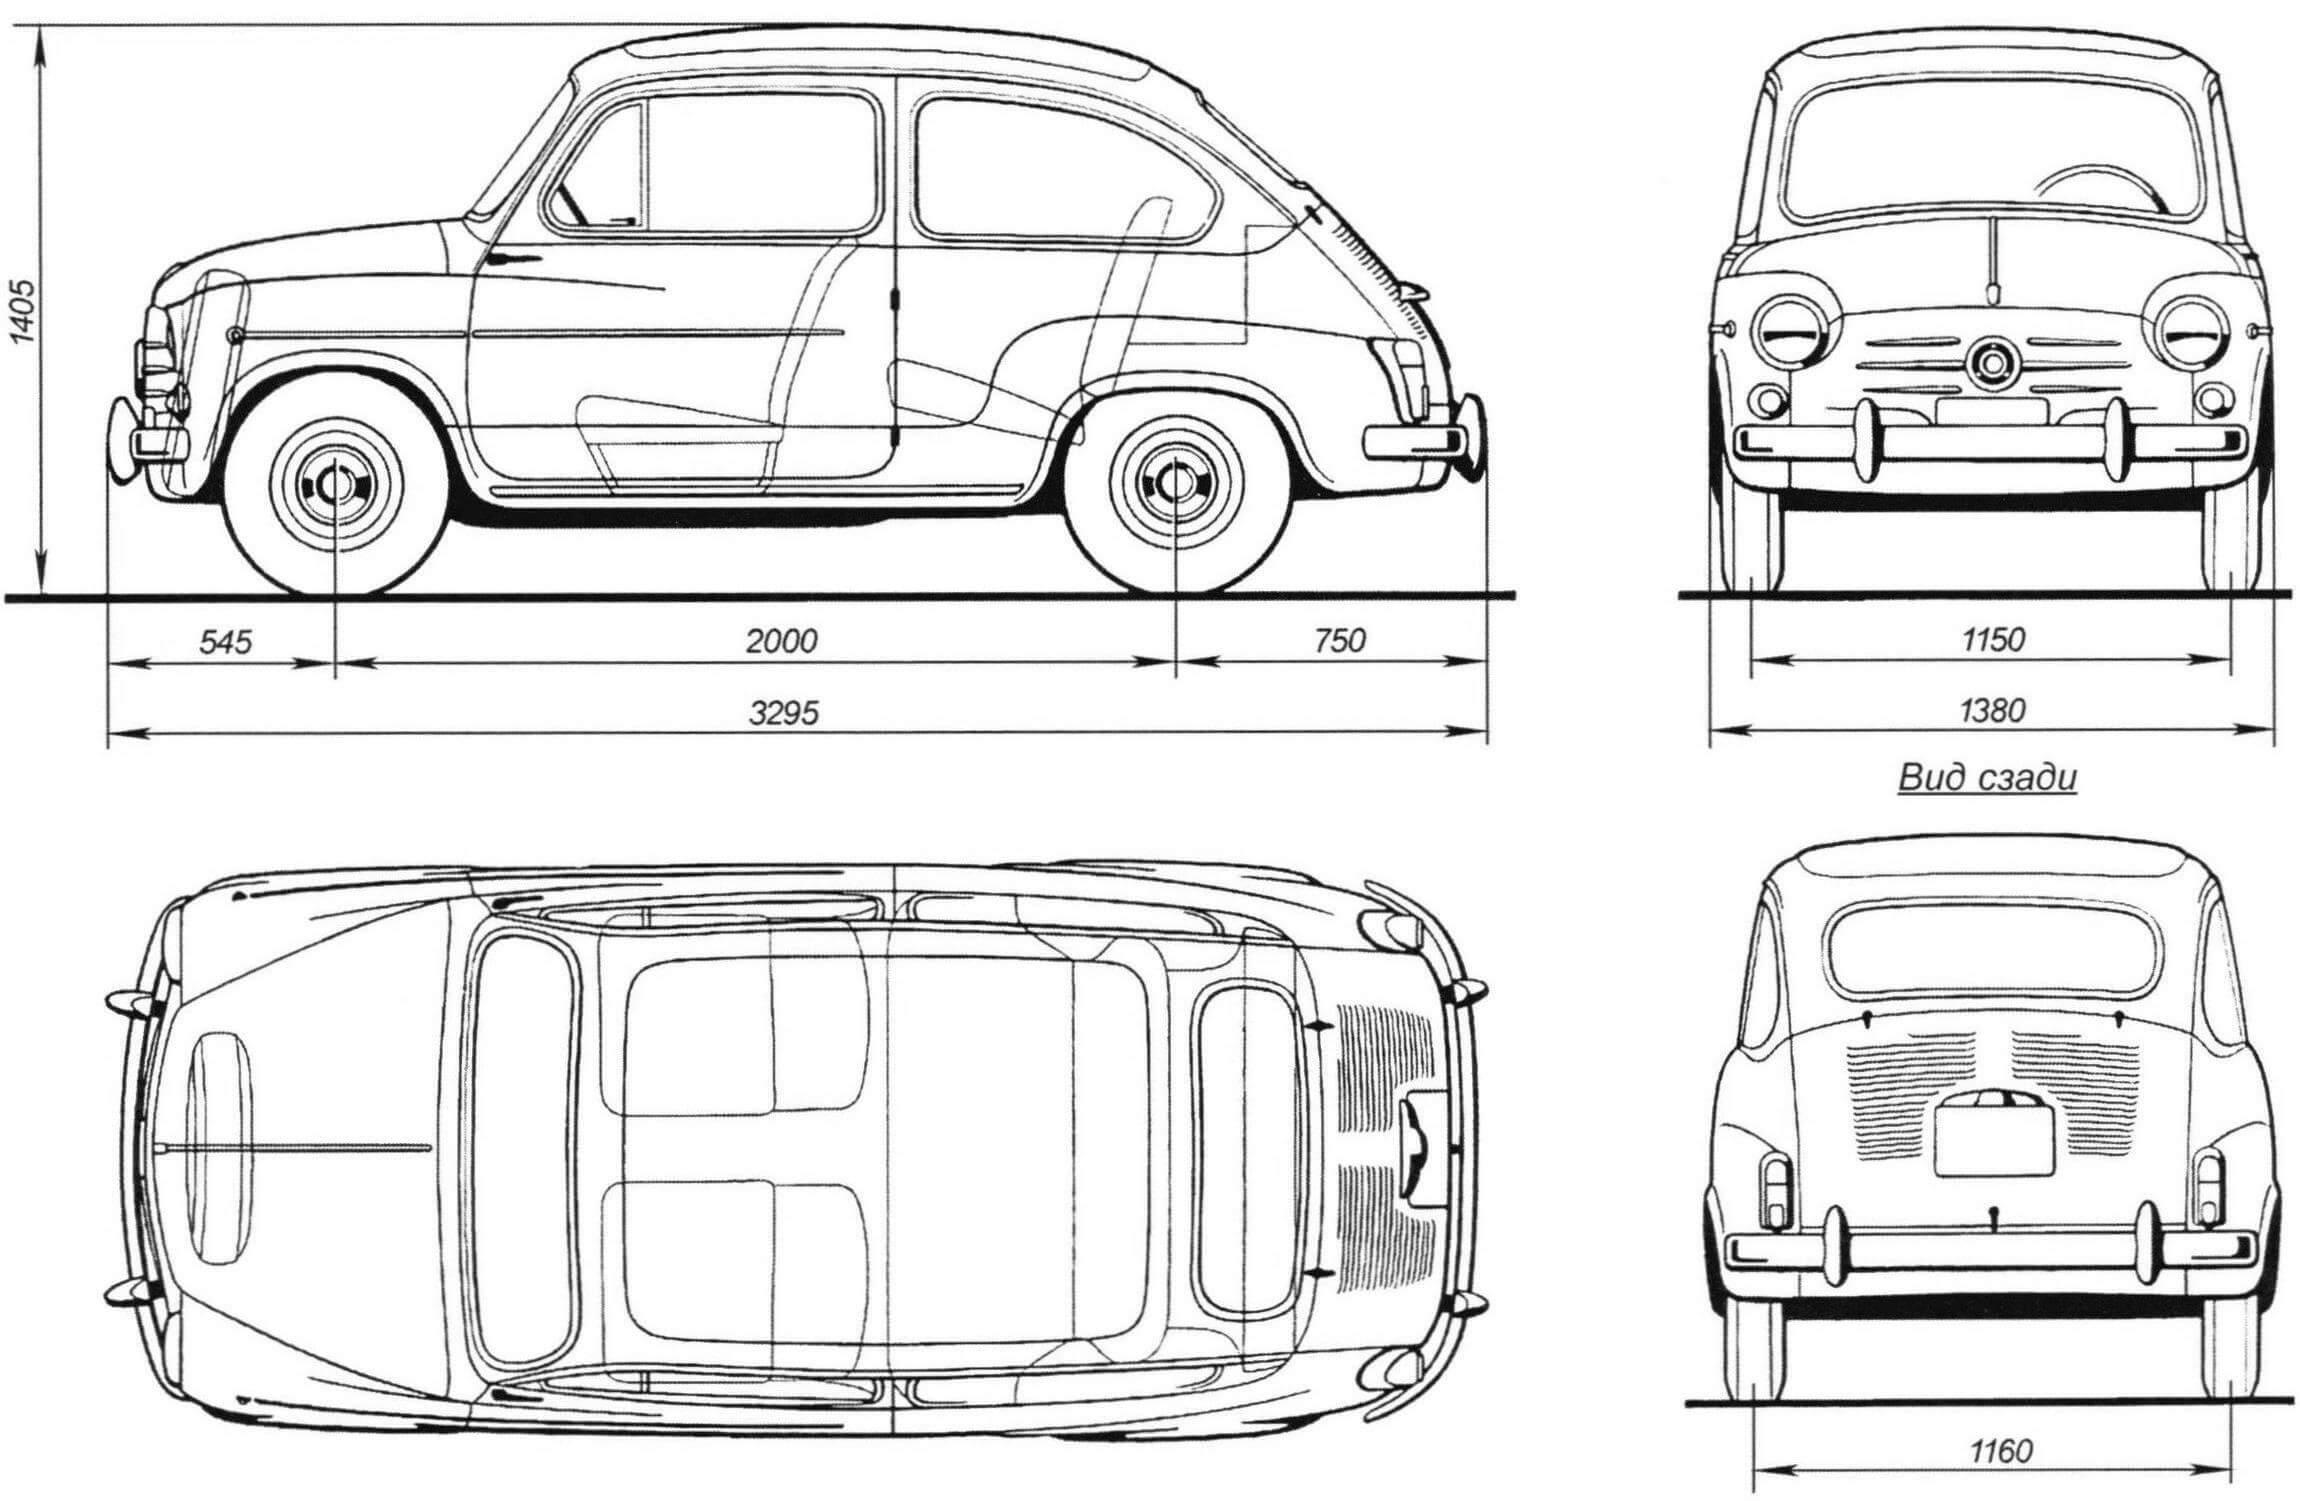 Габаритный чертеж автомобиля Fiat 600 D